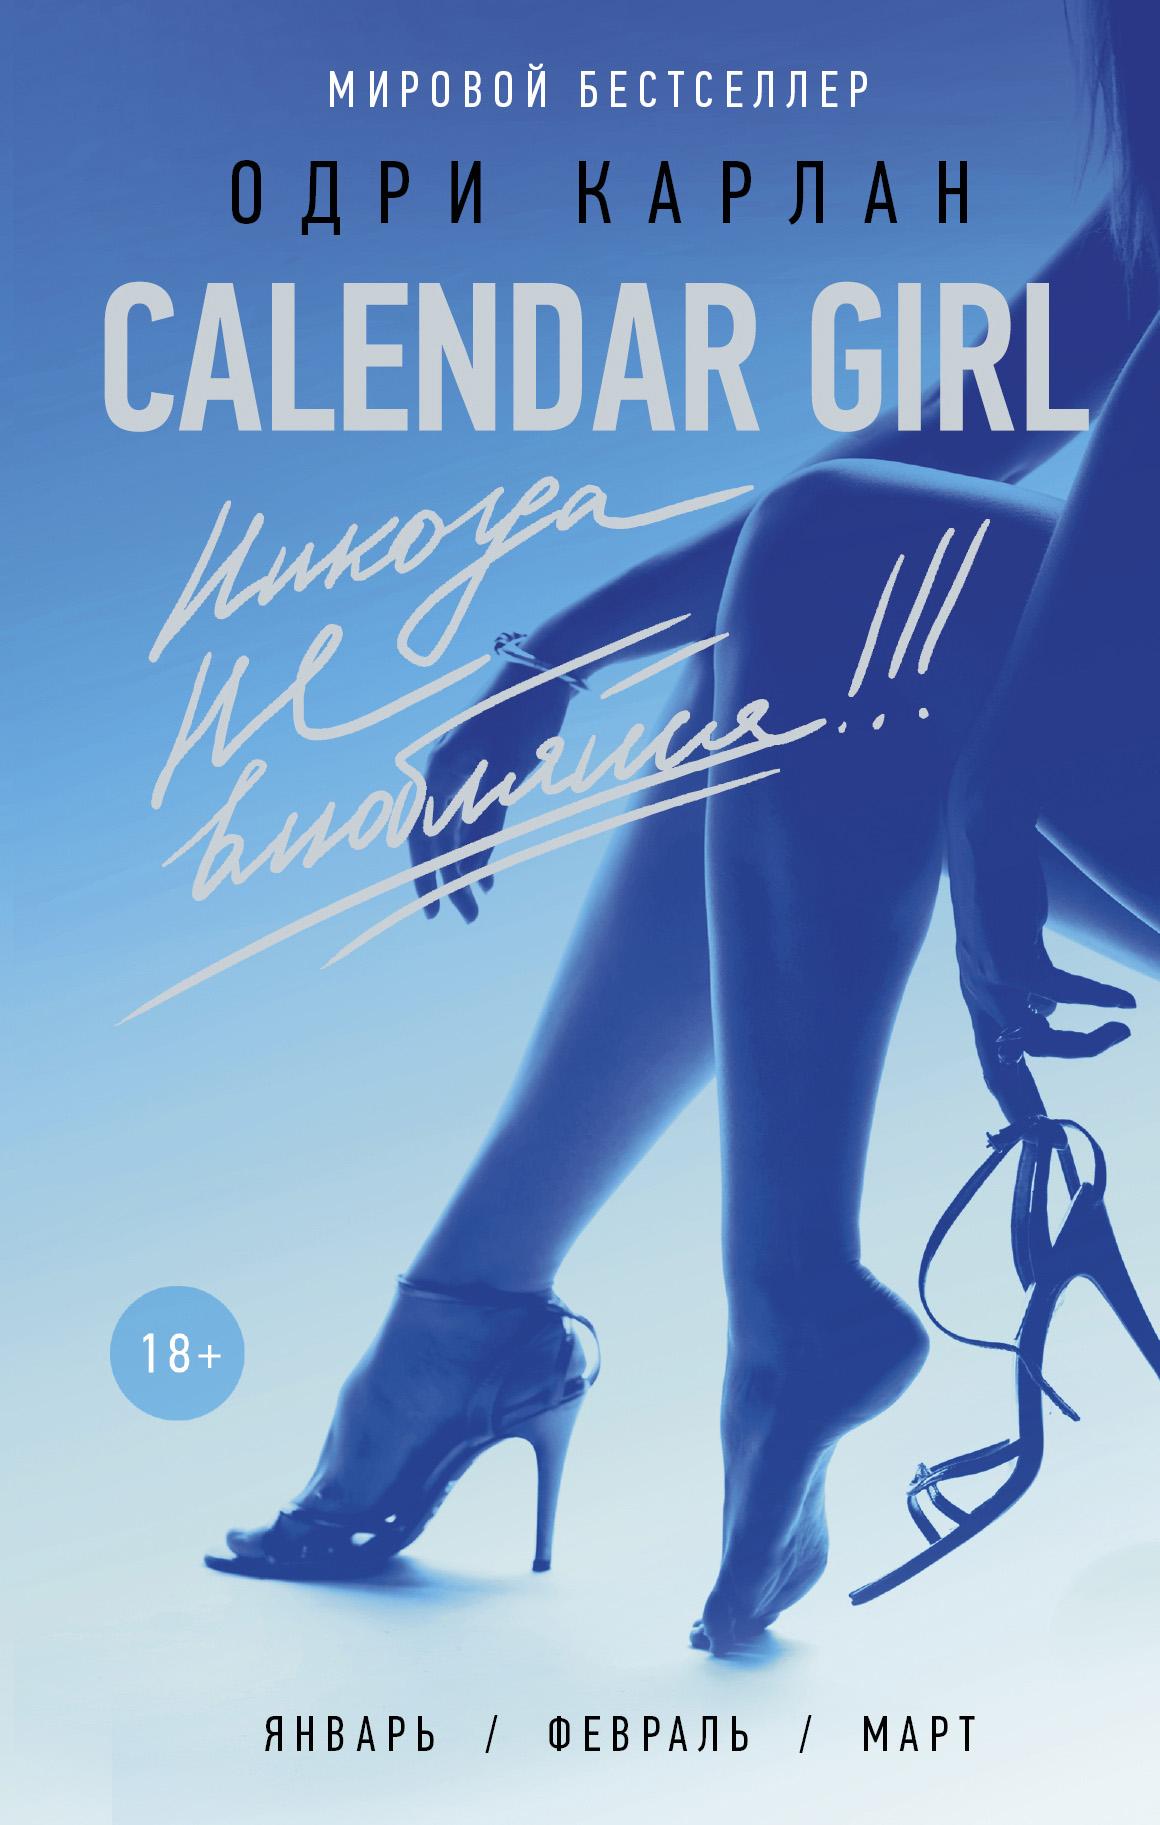 Одри Карлан Calendar Girl. Никогда не влюбляйся! карлан о calendar girl никогда не влюбляйся